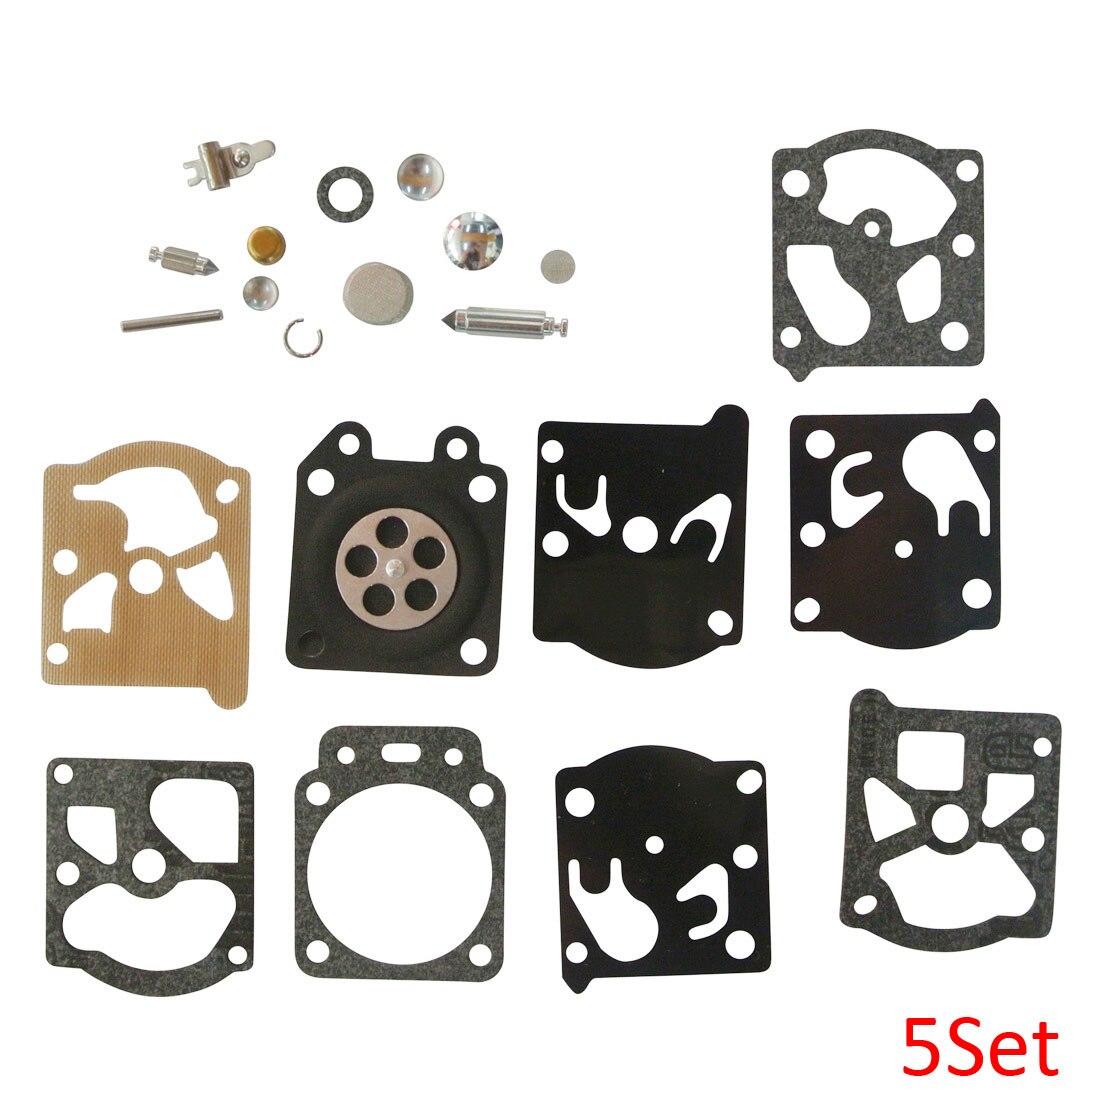 5Set Carb Kit For WT-626 WT-631 WT-640 WT-643 WT-649 WT-669 Walbro K24-WAT